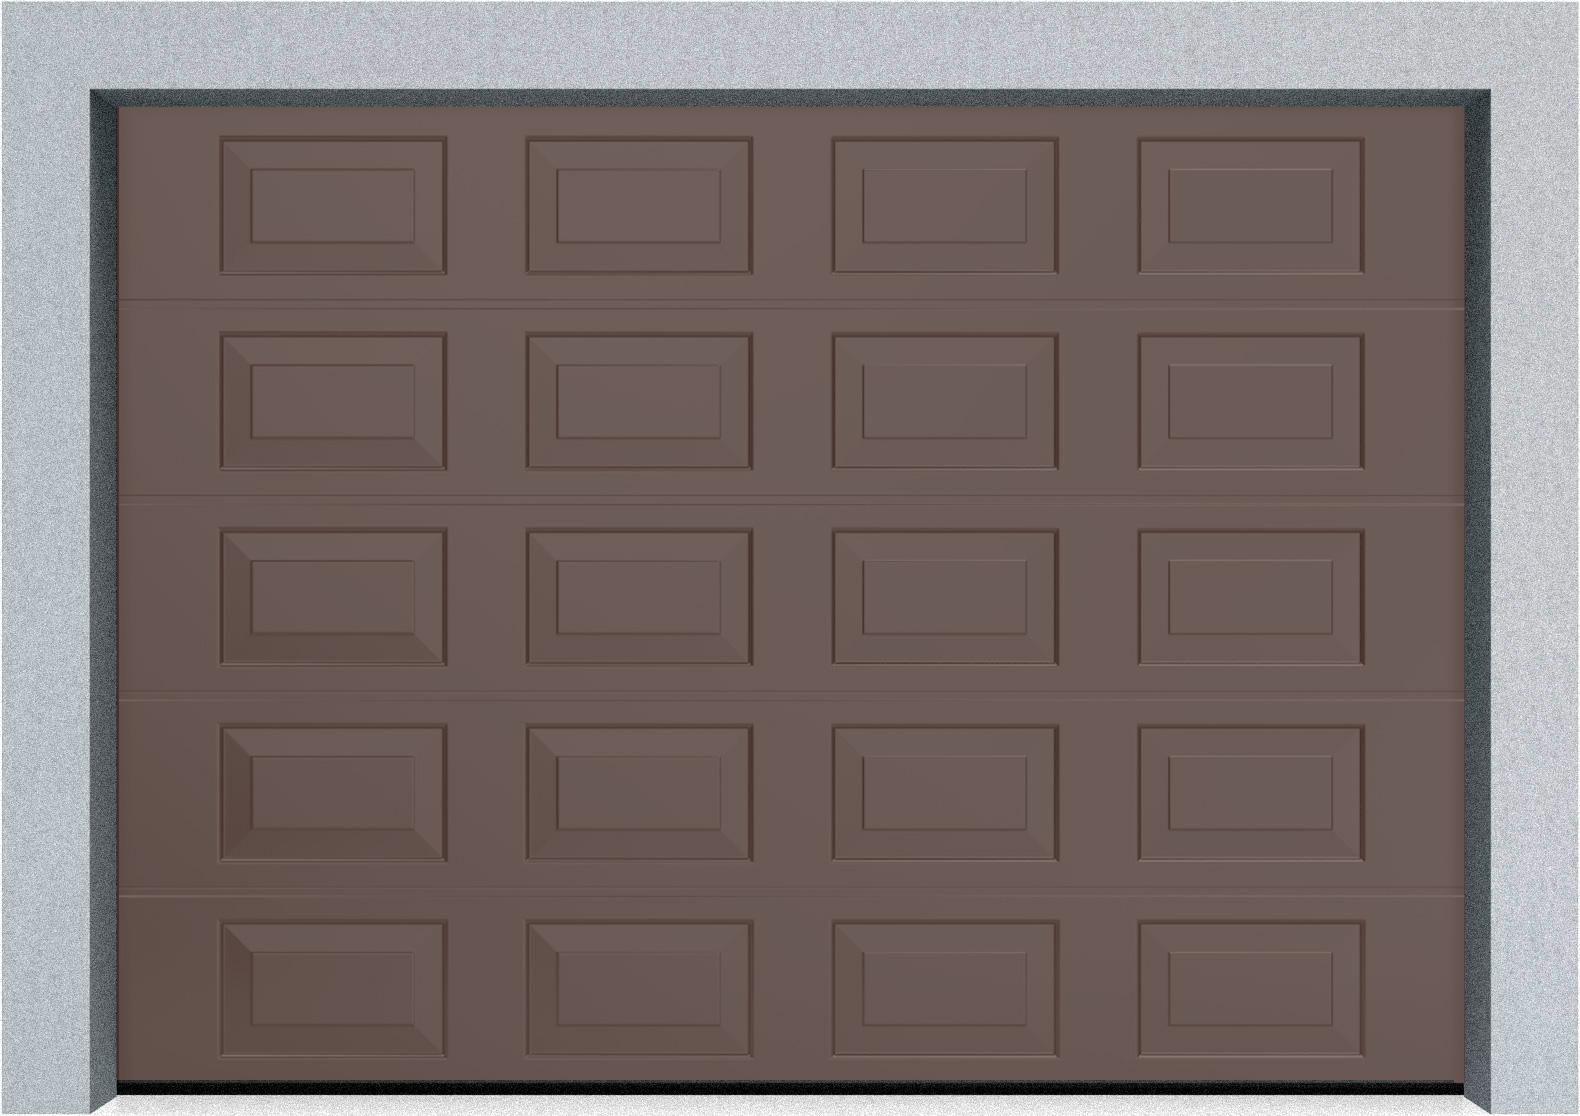 Секционные гаражные ворота DoorHan RSD01 3500x2000 Филенка стандартные цвета, пружины растяжения, фото 3